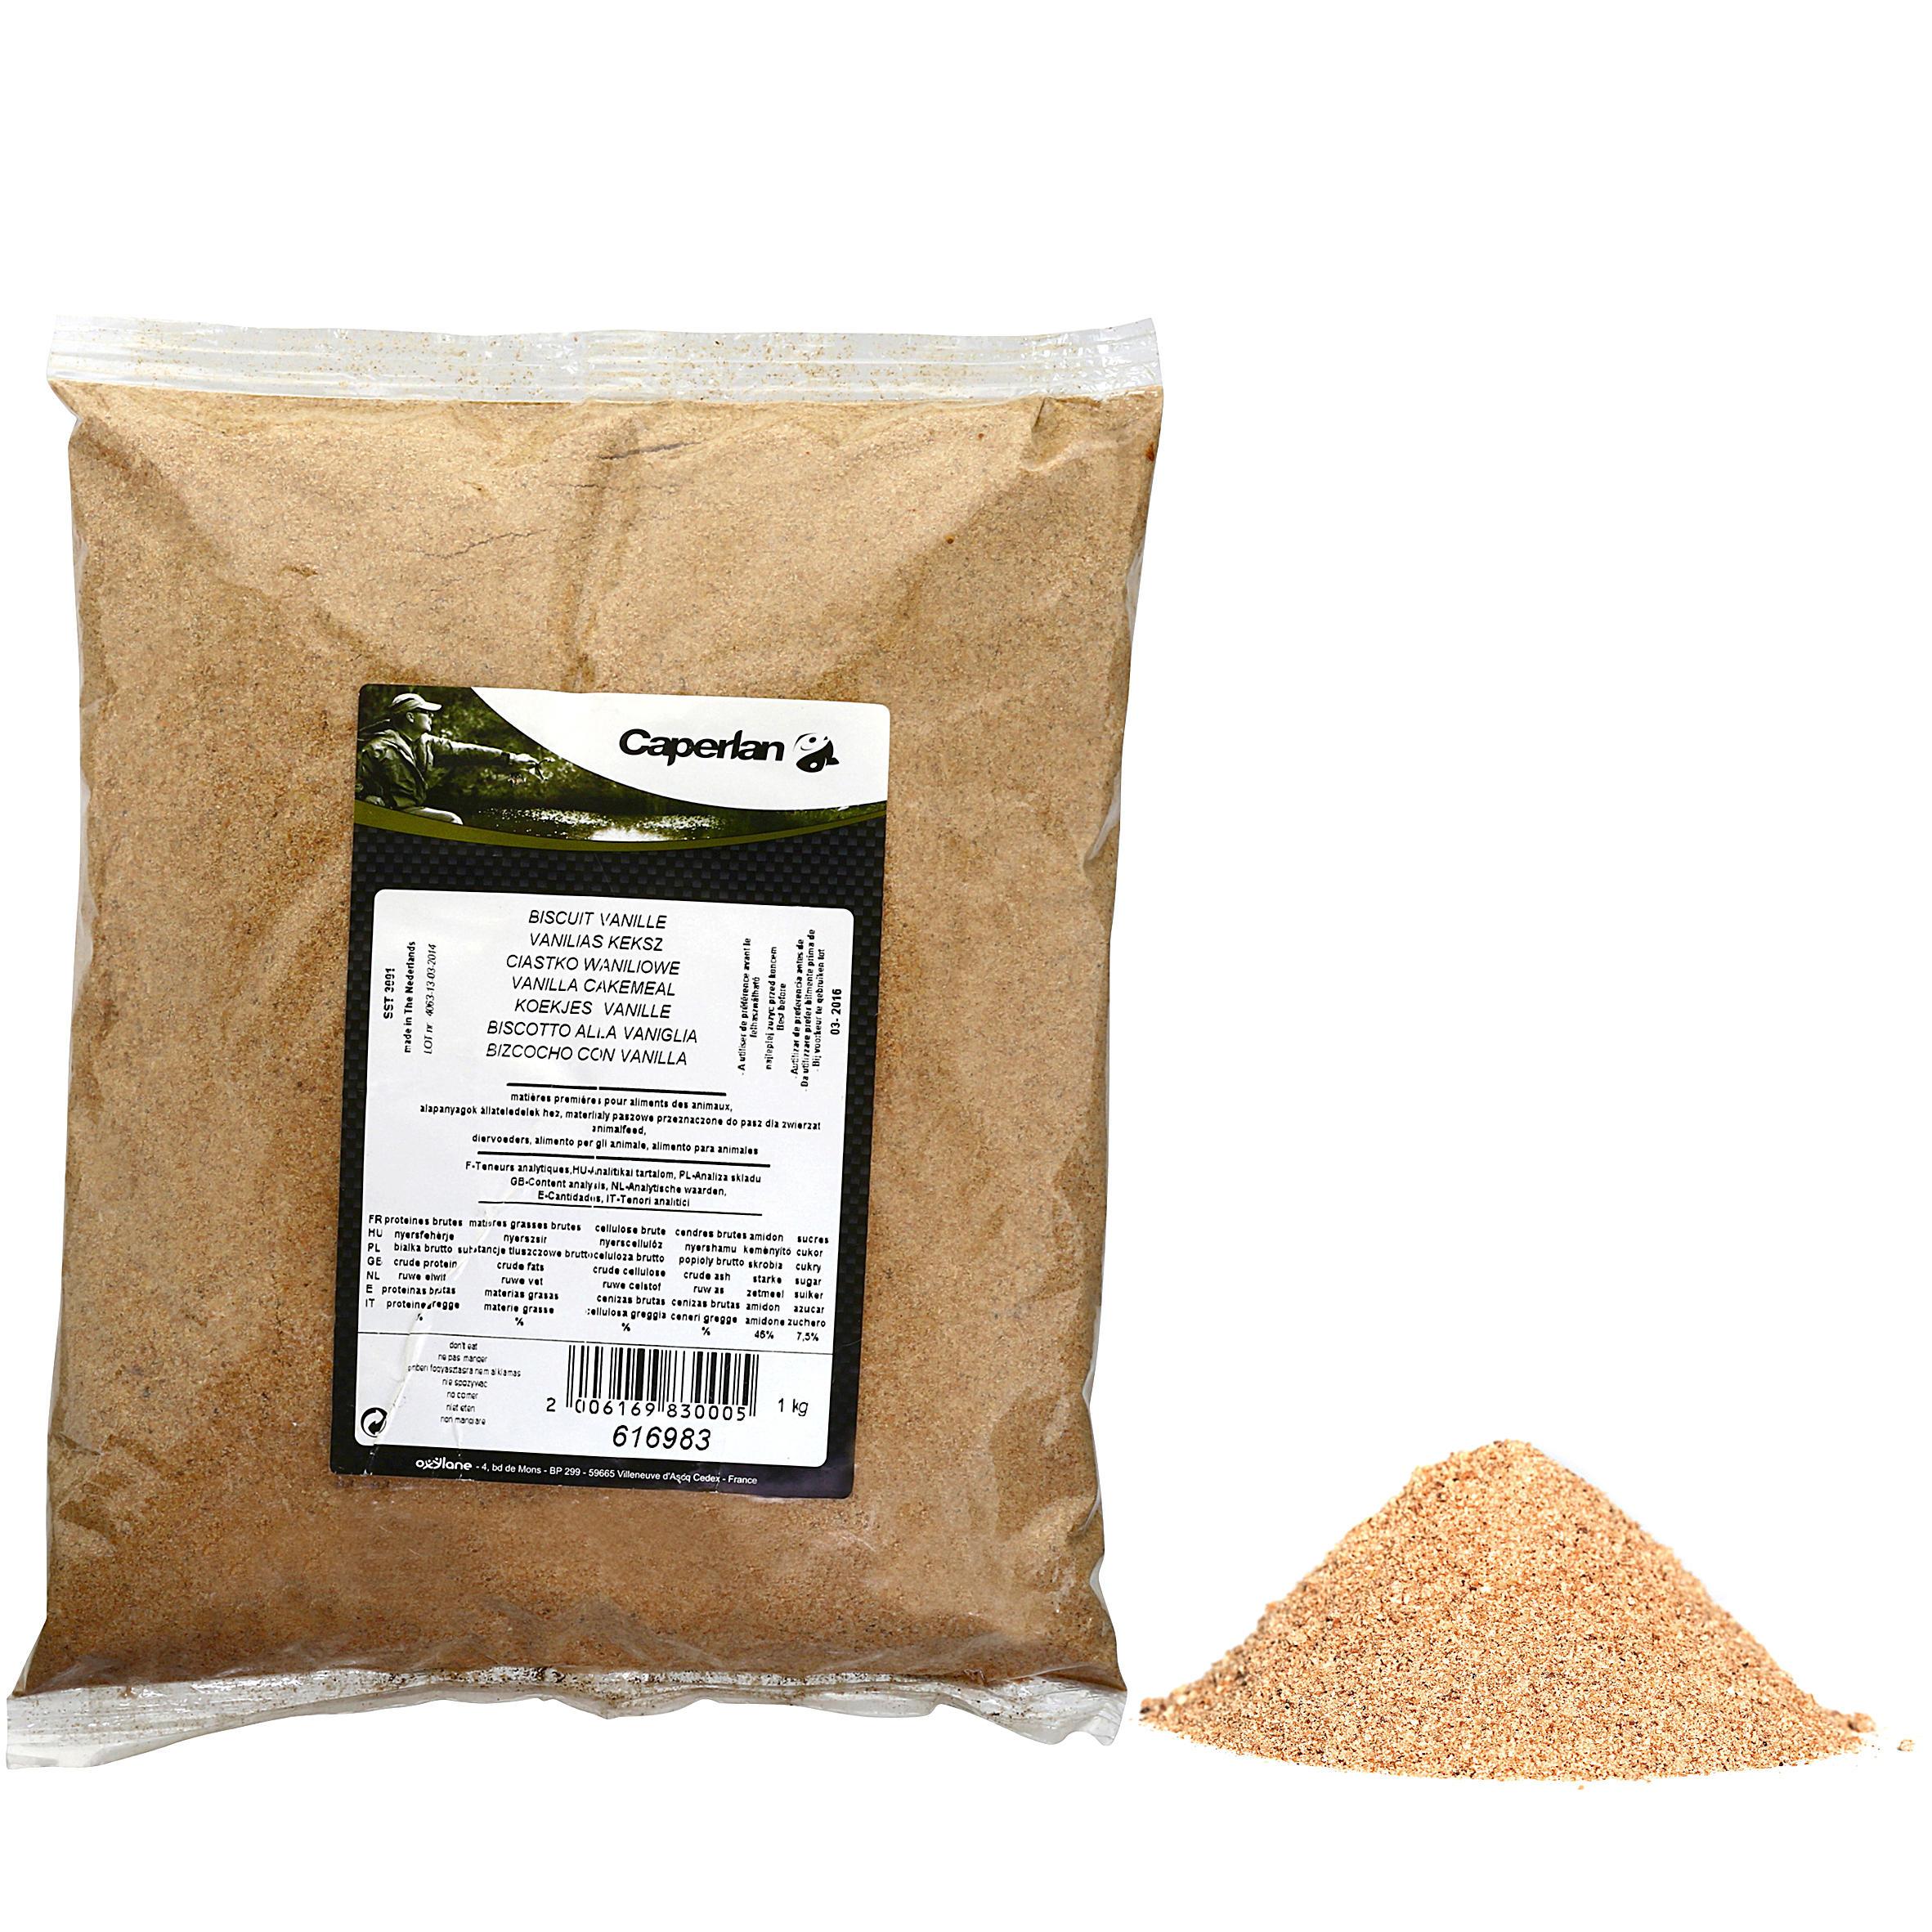 Caperlan Vanillekoekjesmeel voor statisch vissen 1 kg